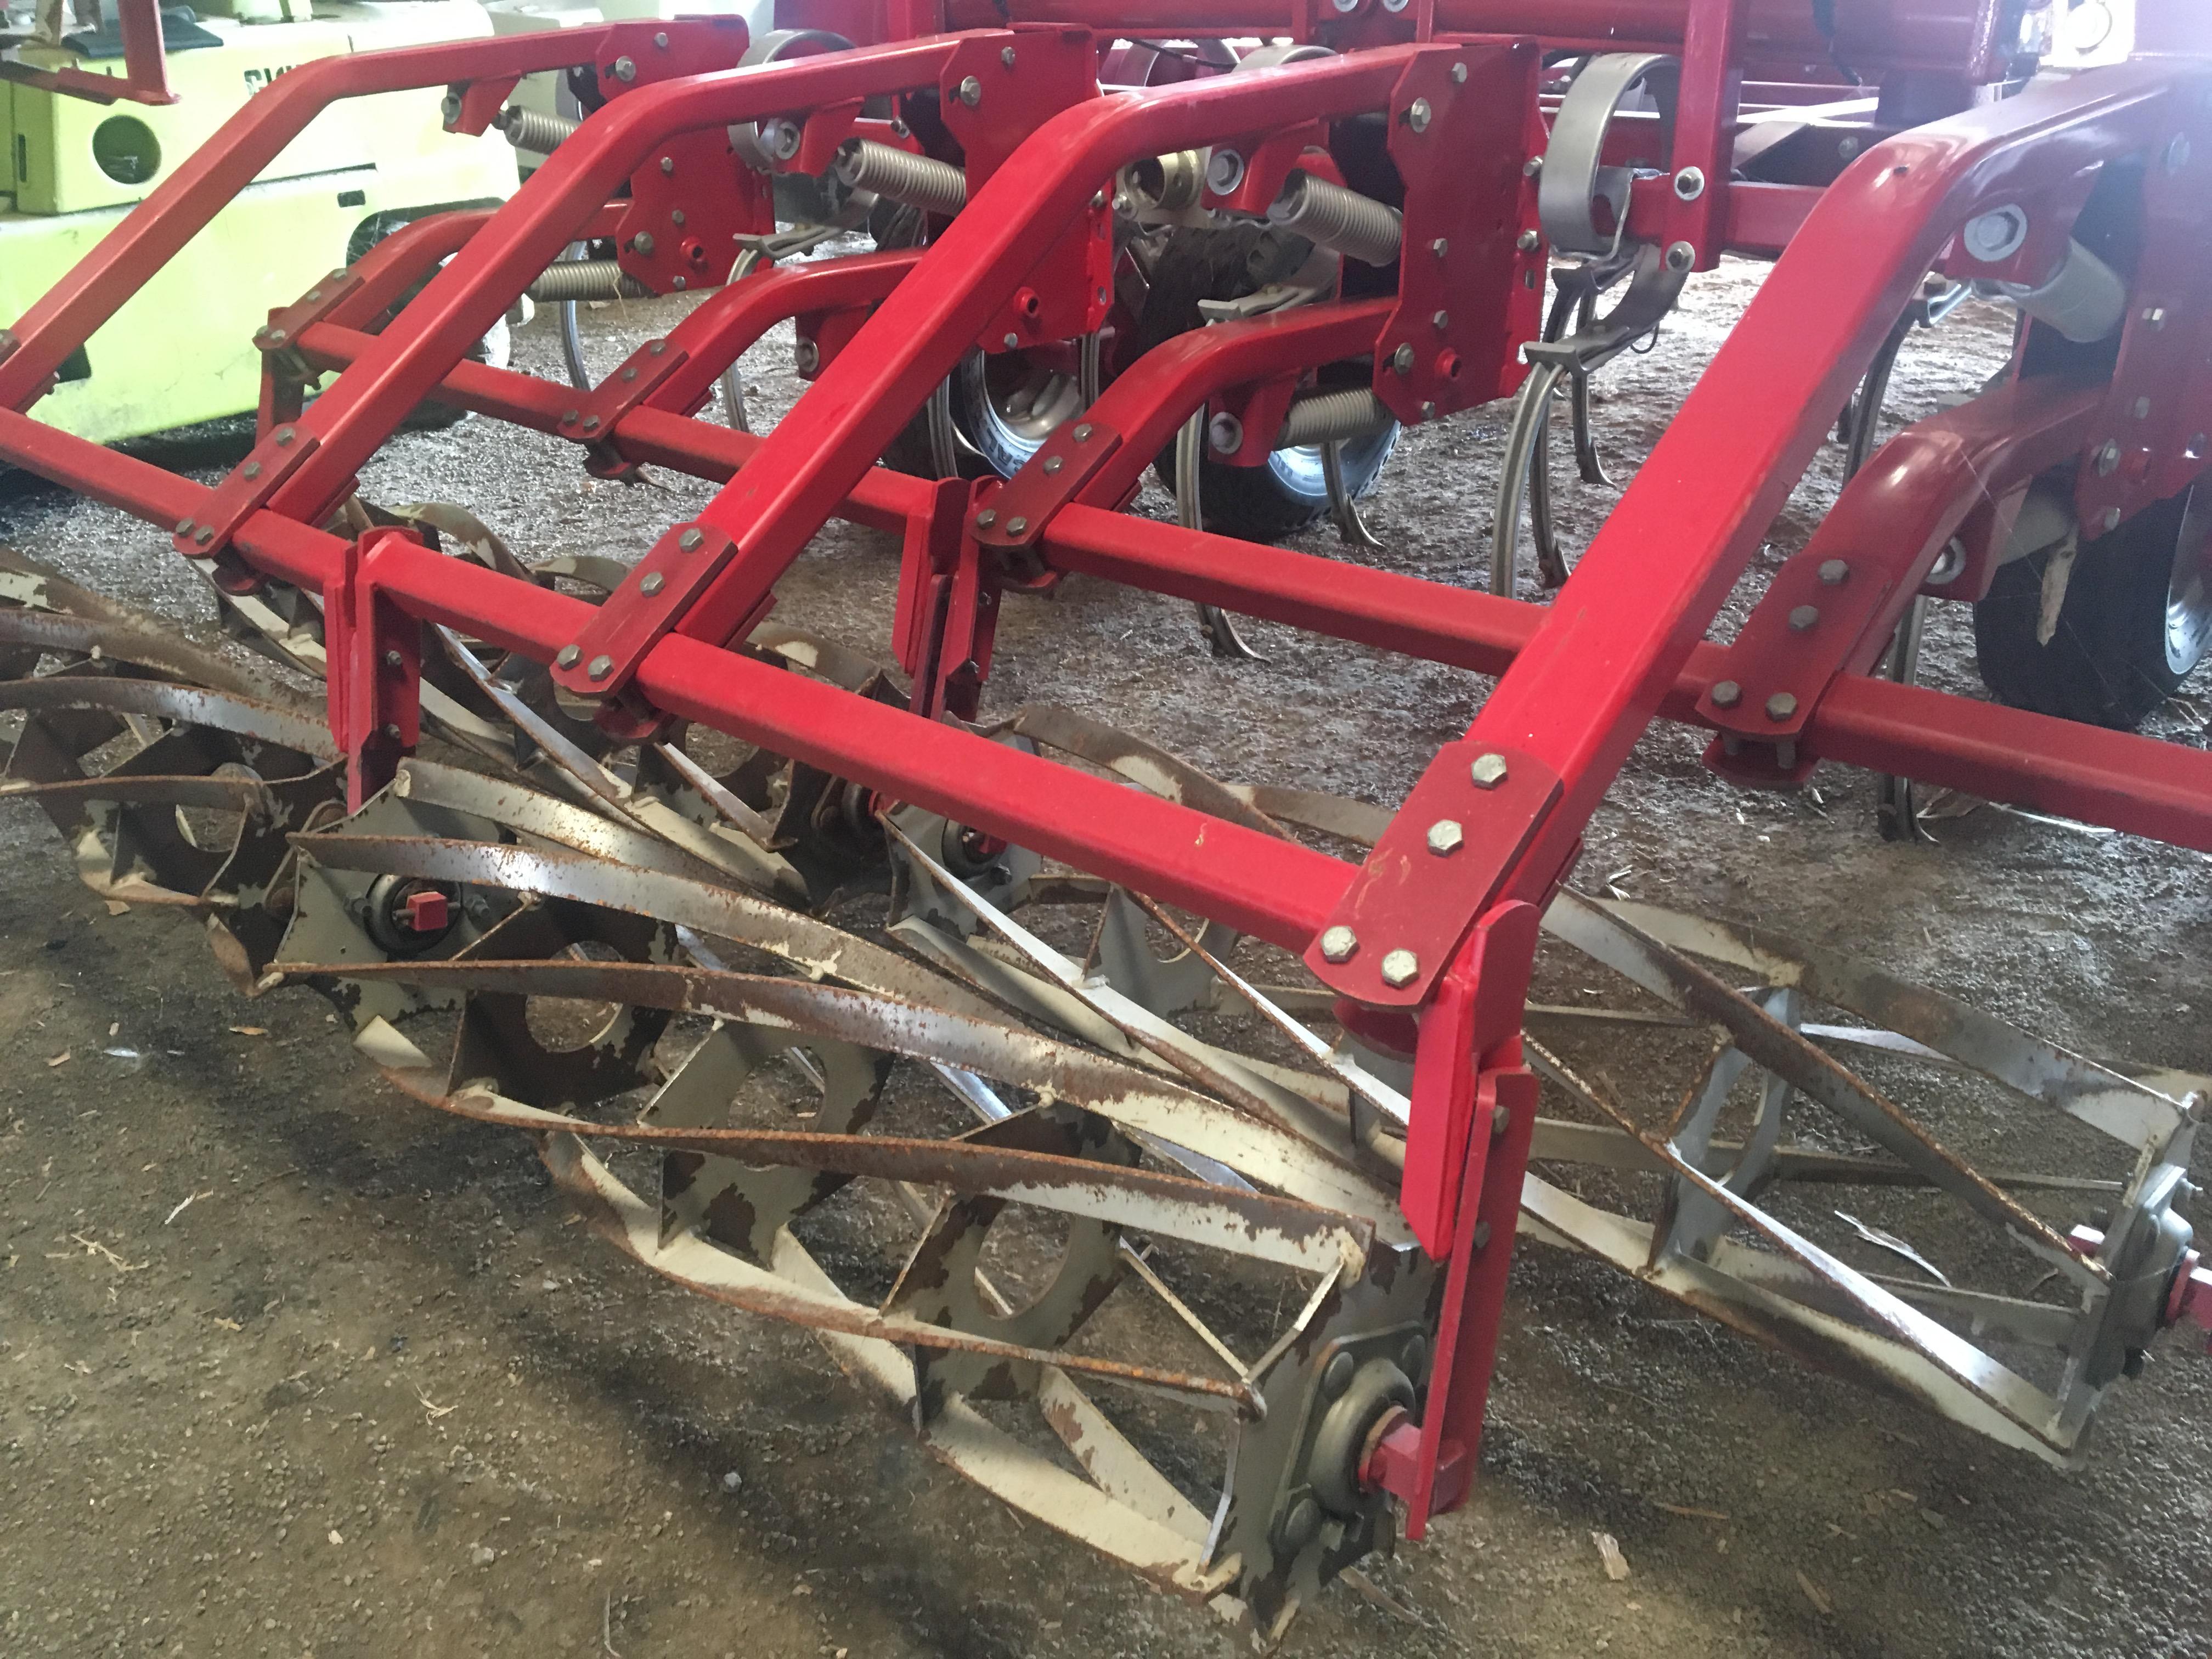 Lot 6 - 2012 Klongskilde Vibro Till 2900 29' Field Cultivator